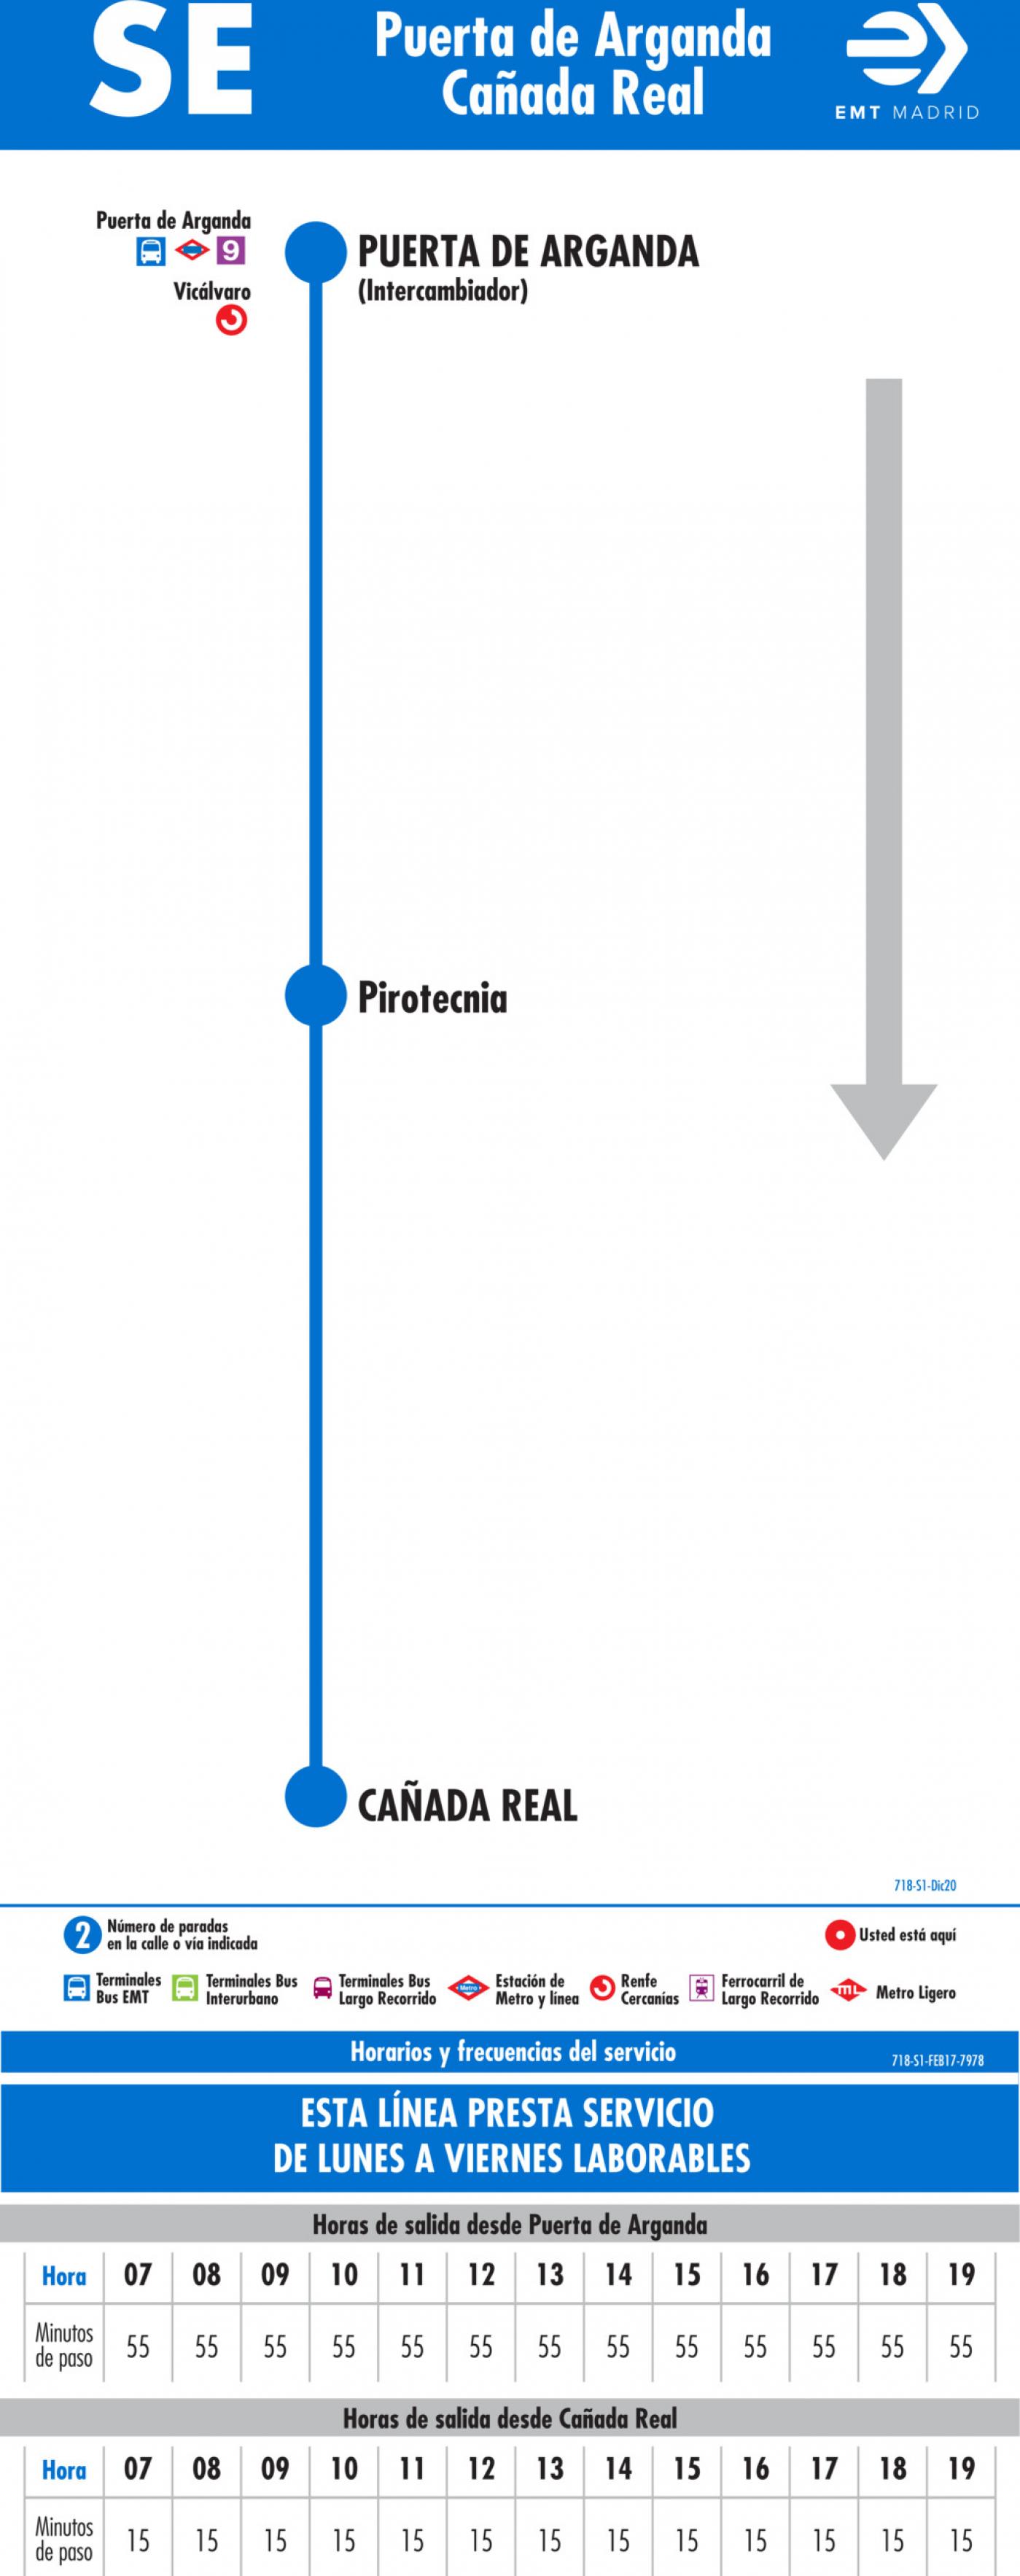 Tabla de horarios y frecuencias de paso en sentido ida Línea SE 718: Puerta de Arganda - Cañada Real